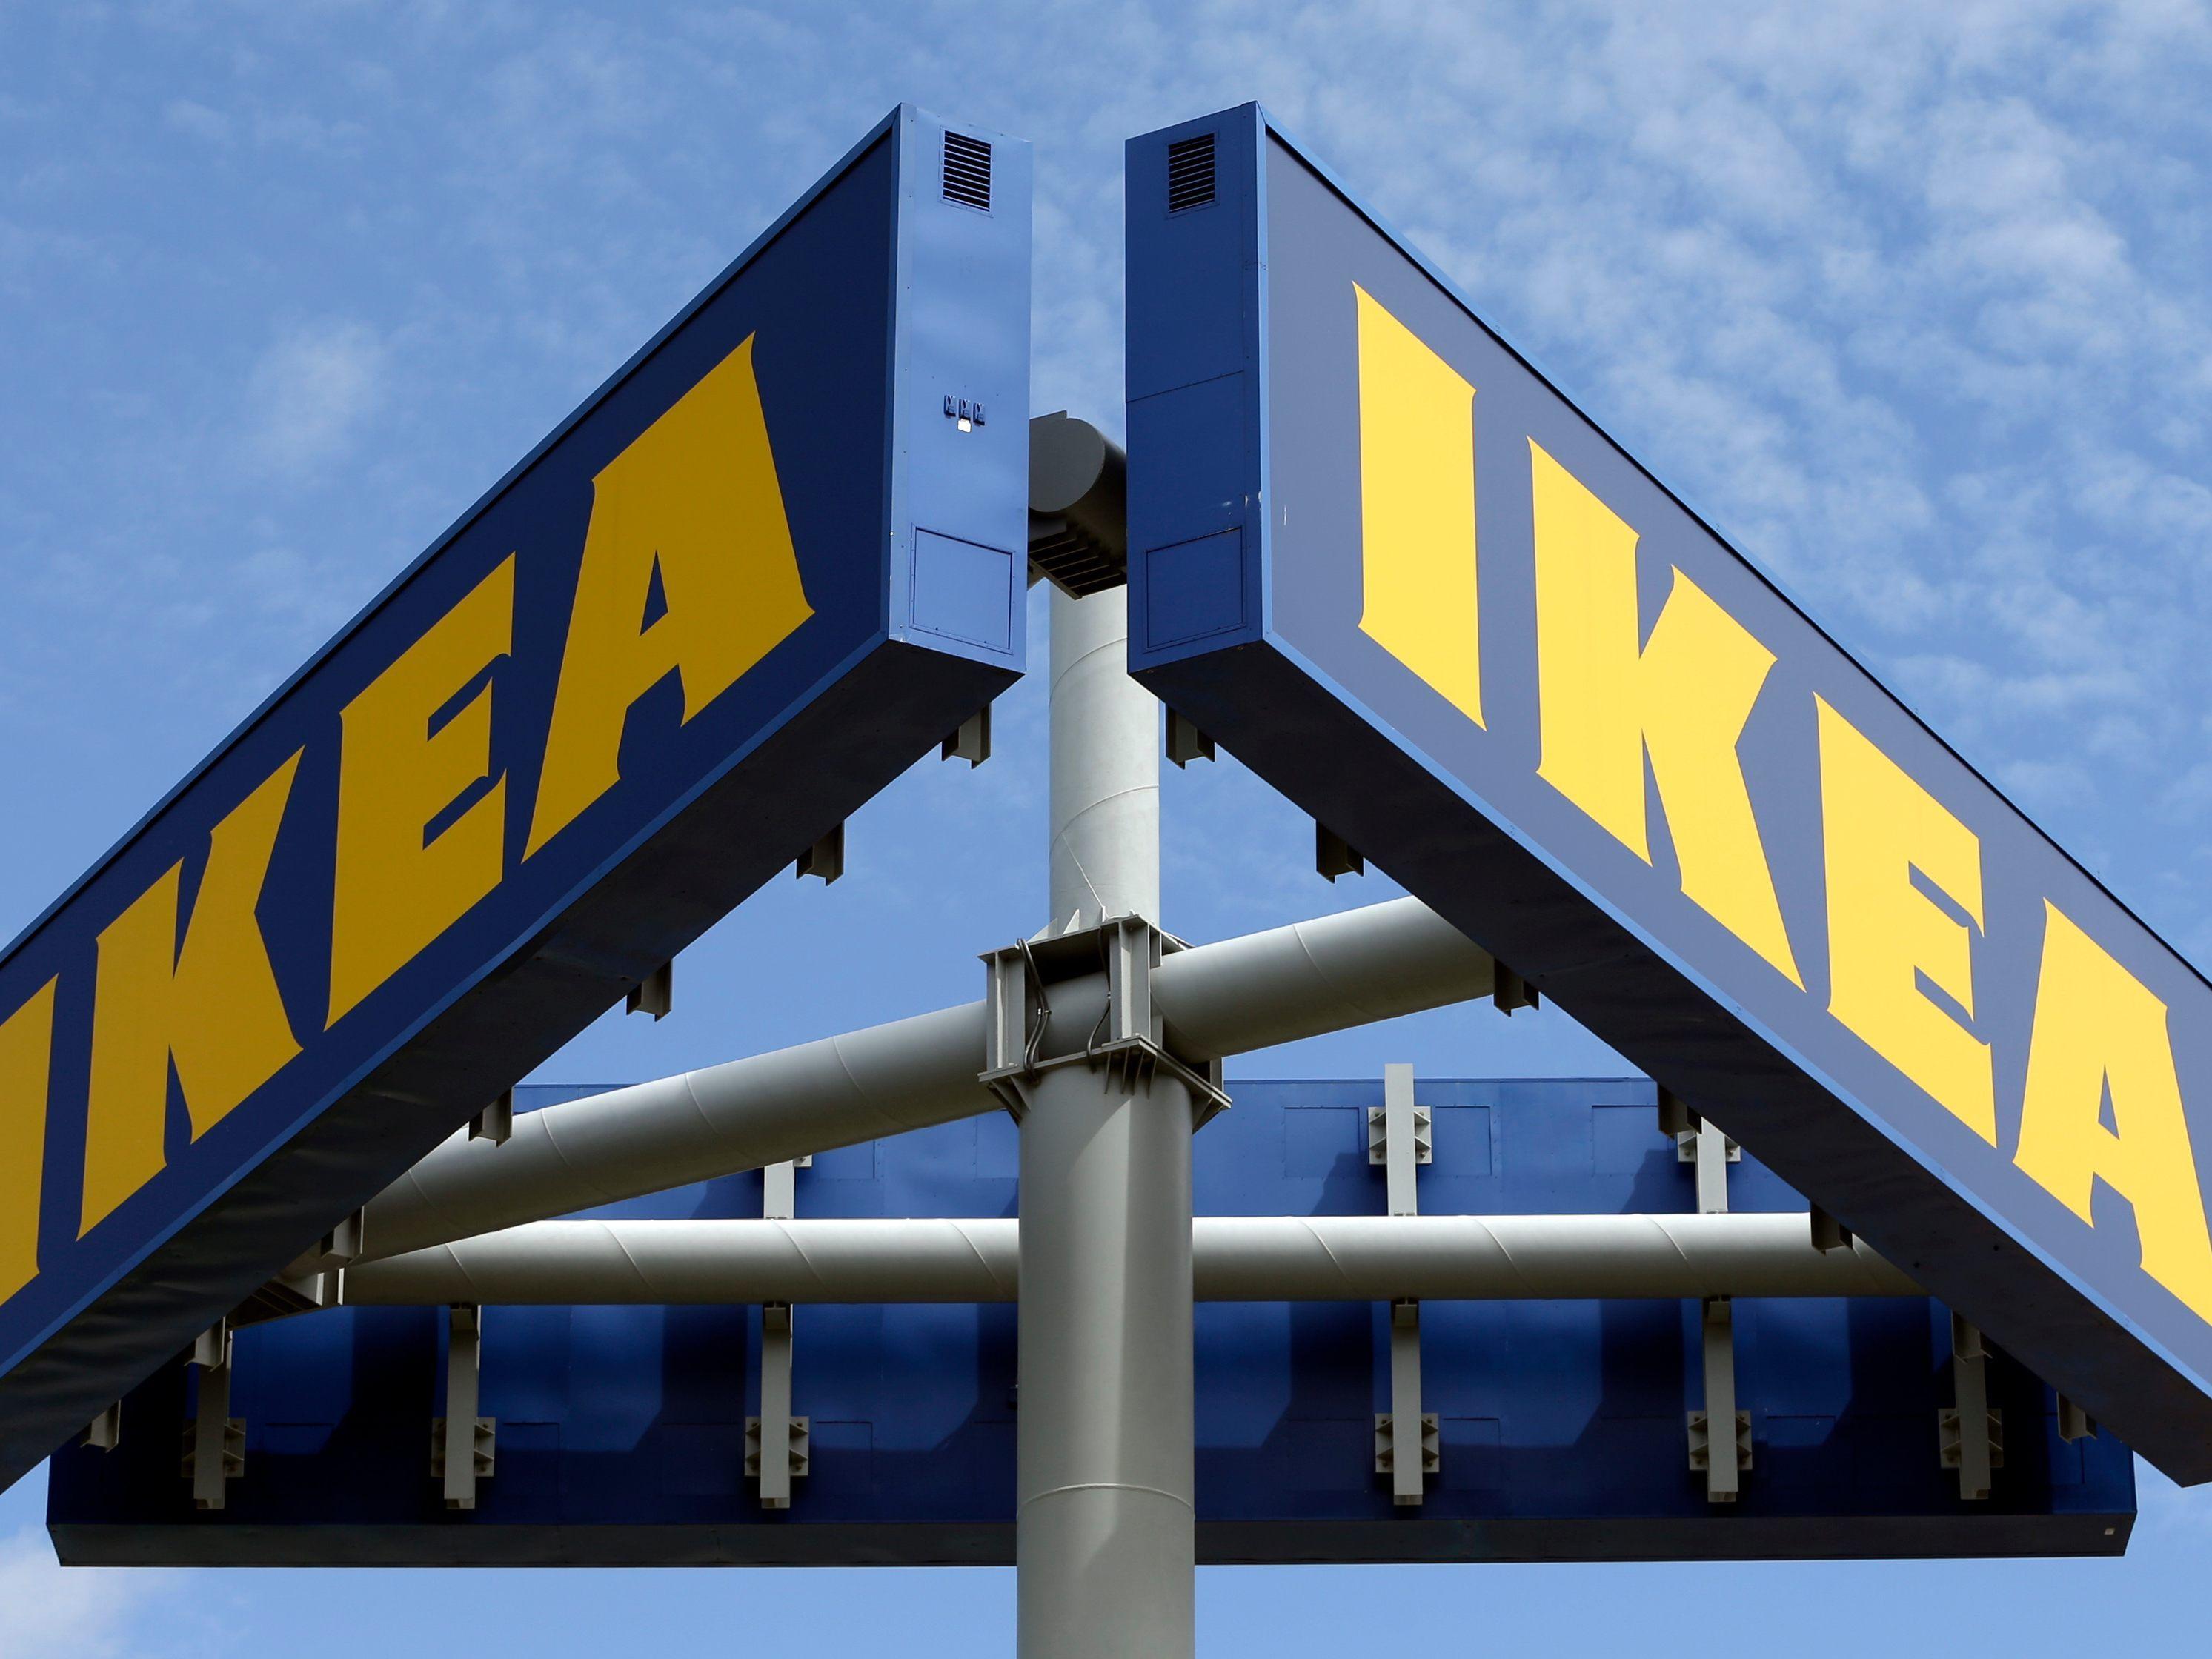 Ikea Nimmt Gebrauchte Möbel Zurück So Funktionierts österreich